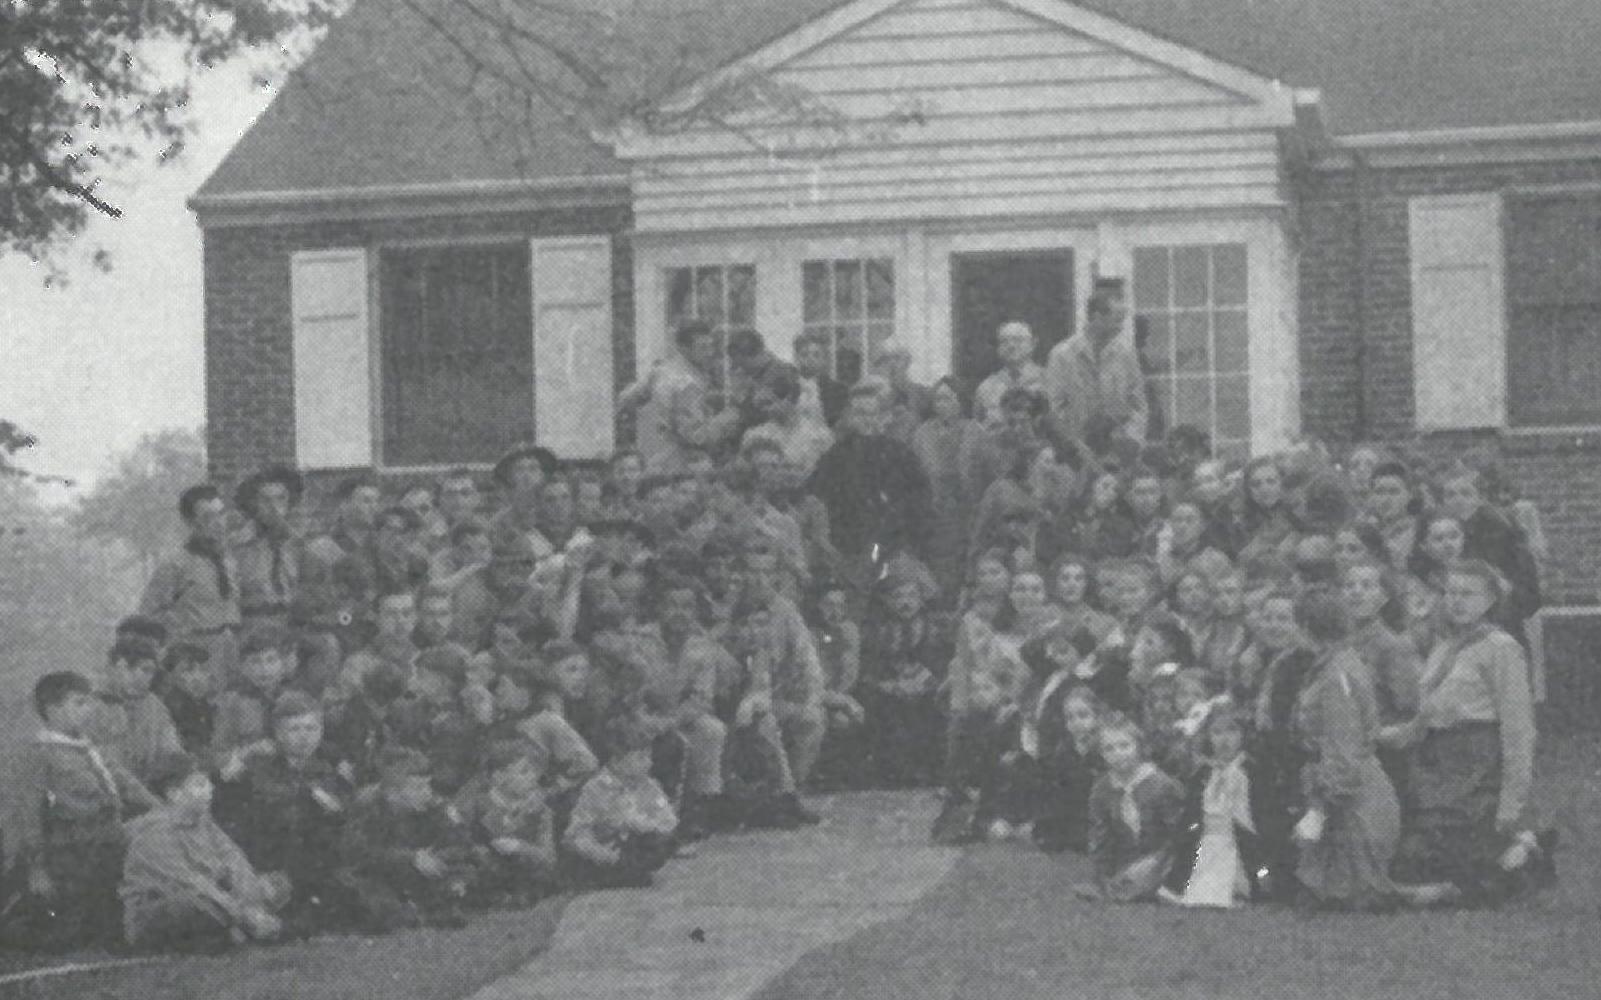 Свято Юрія 1950 року у Кренфорді, Ню Джерзі